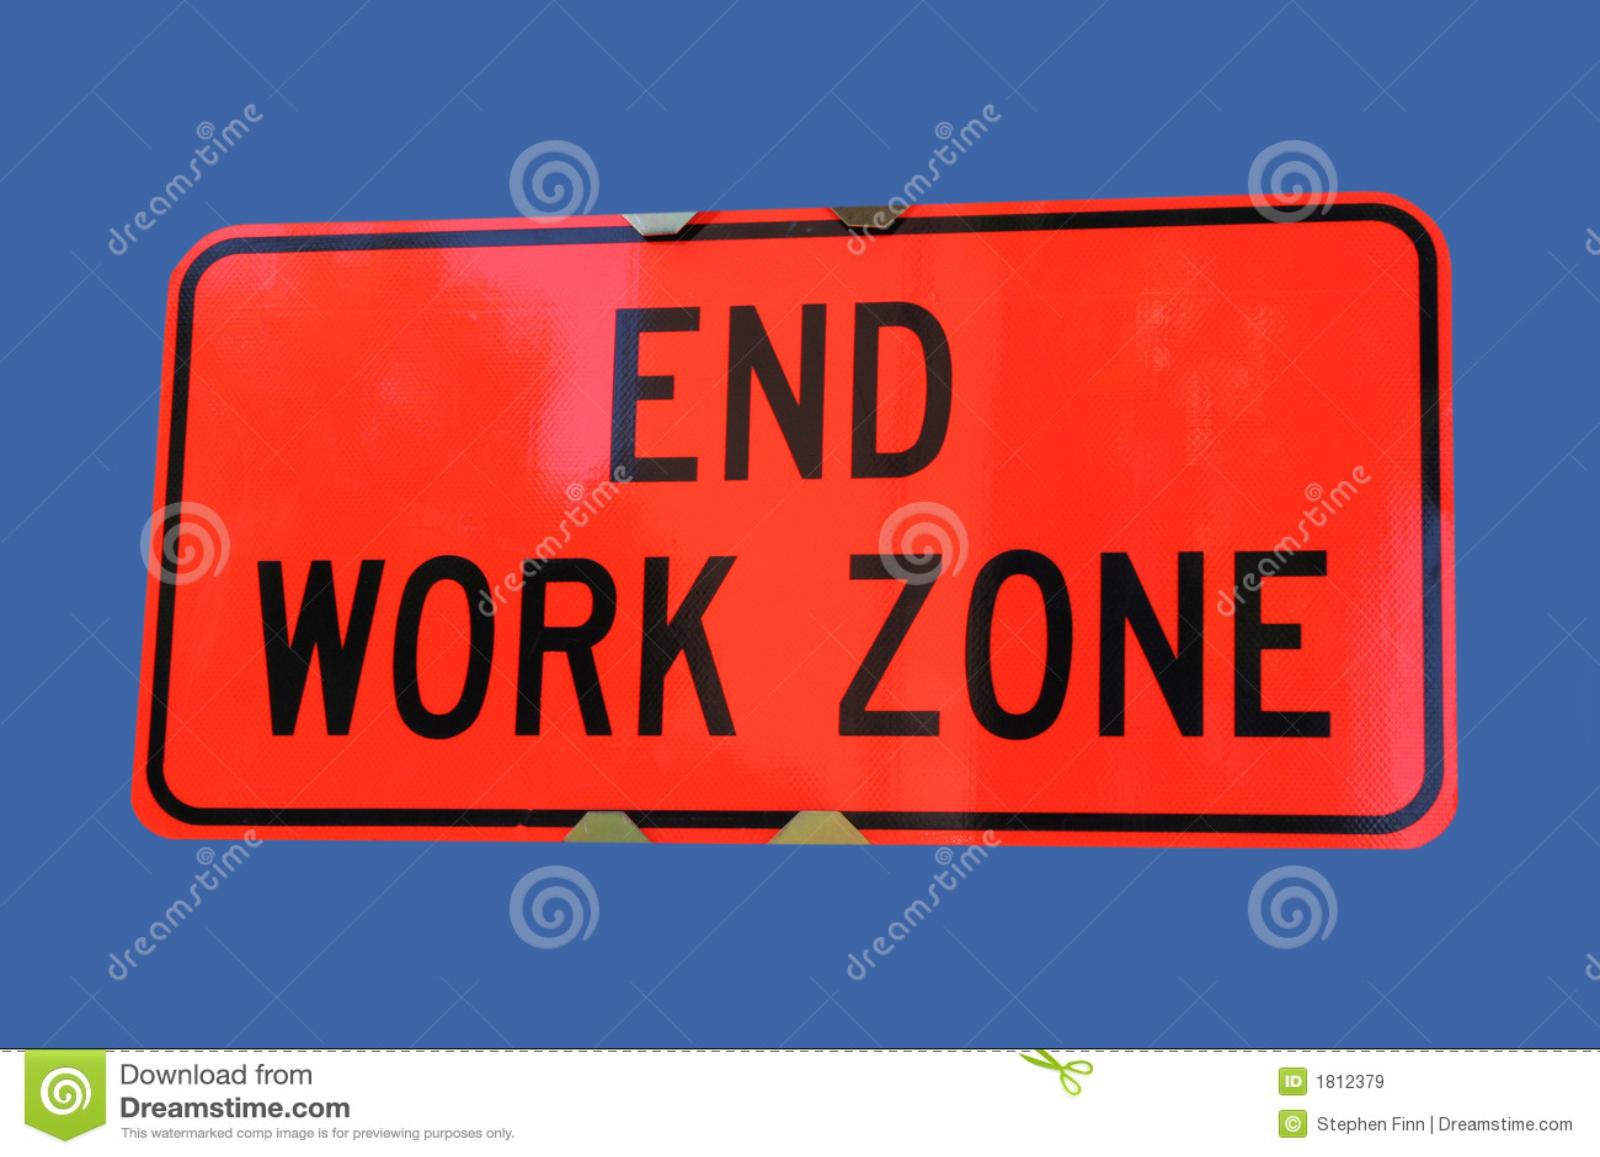 Koniec pracy szyldowa strefy